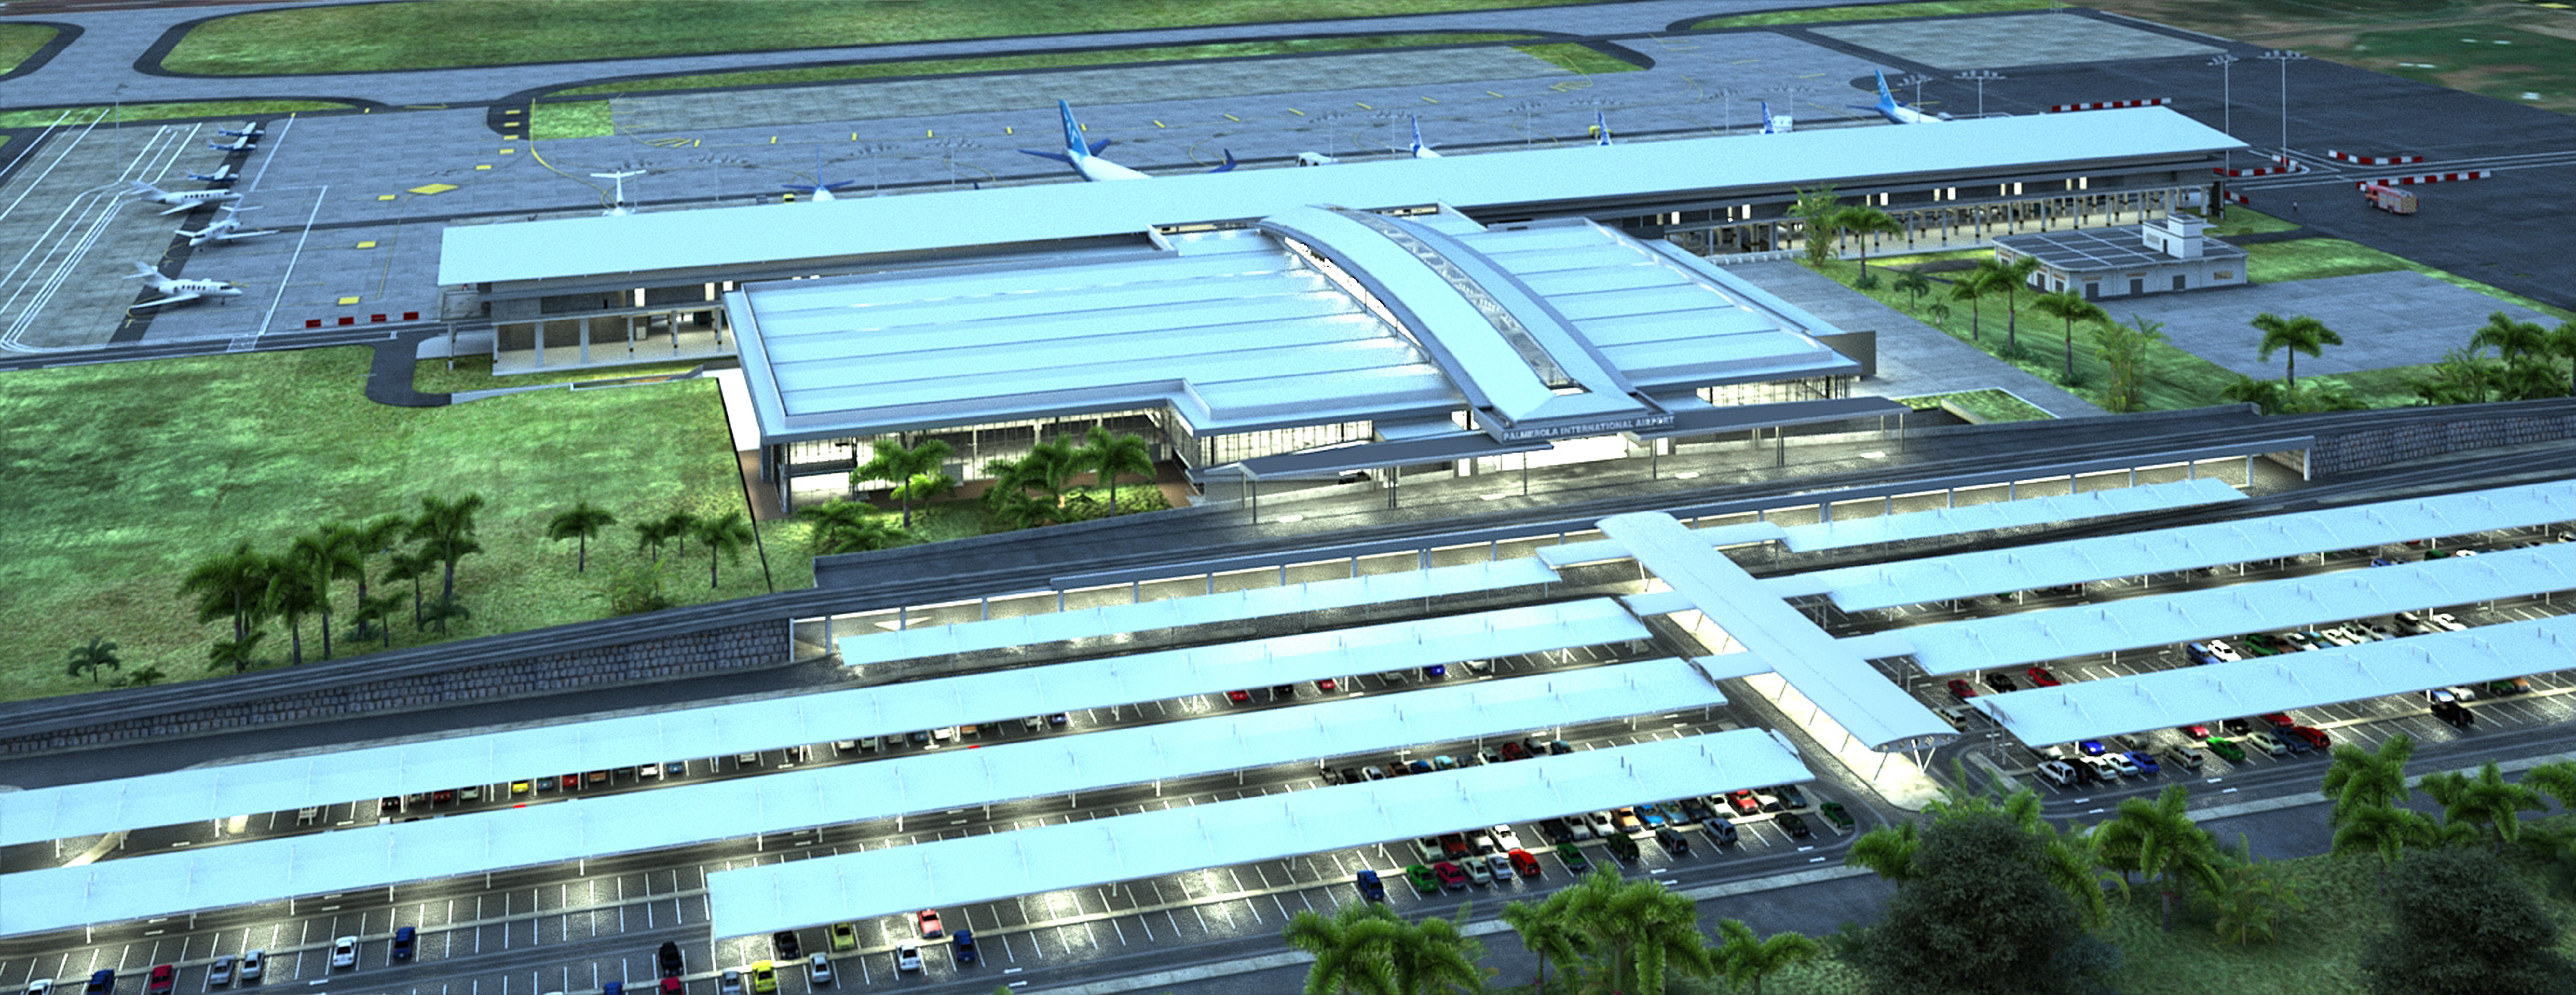 Aeropuerto-Tegucigalpa-Honduras-Palmerola-Toncontín-3